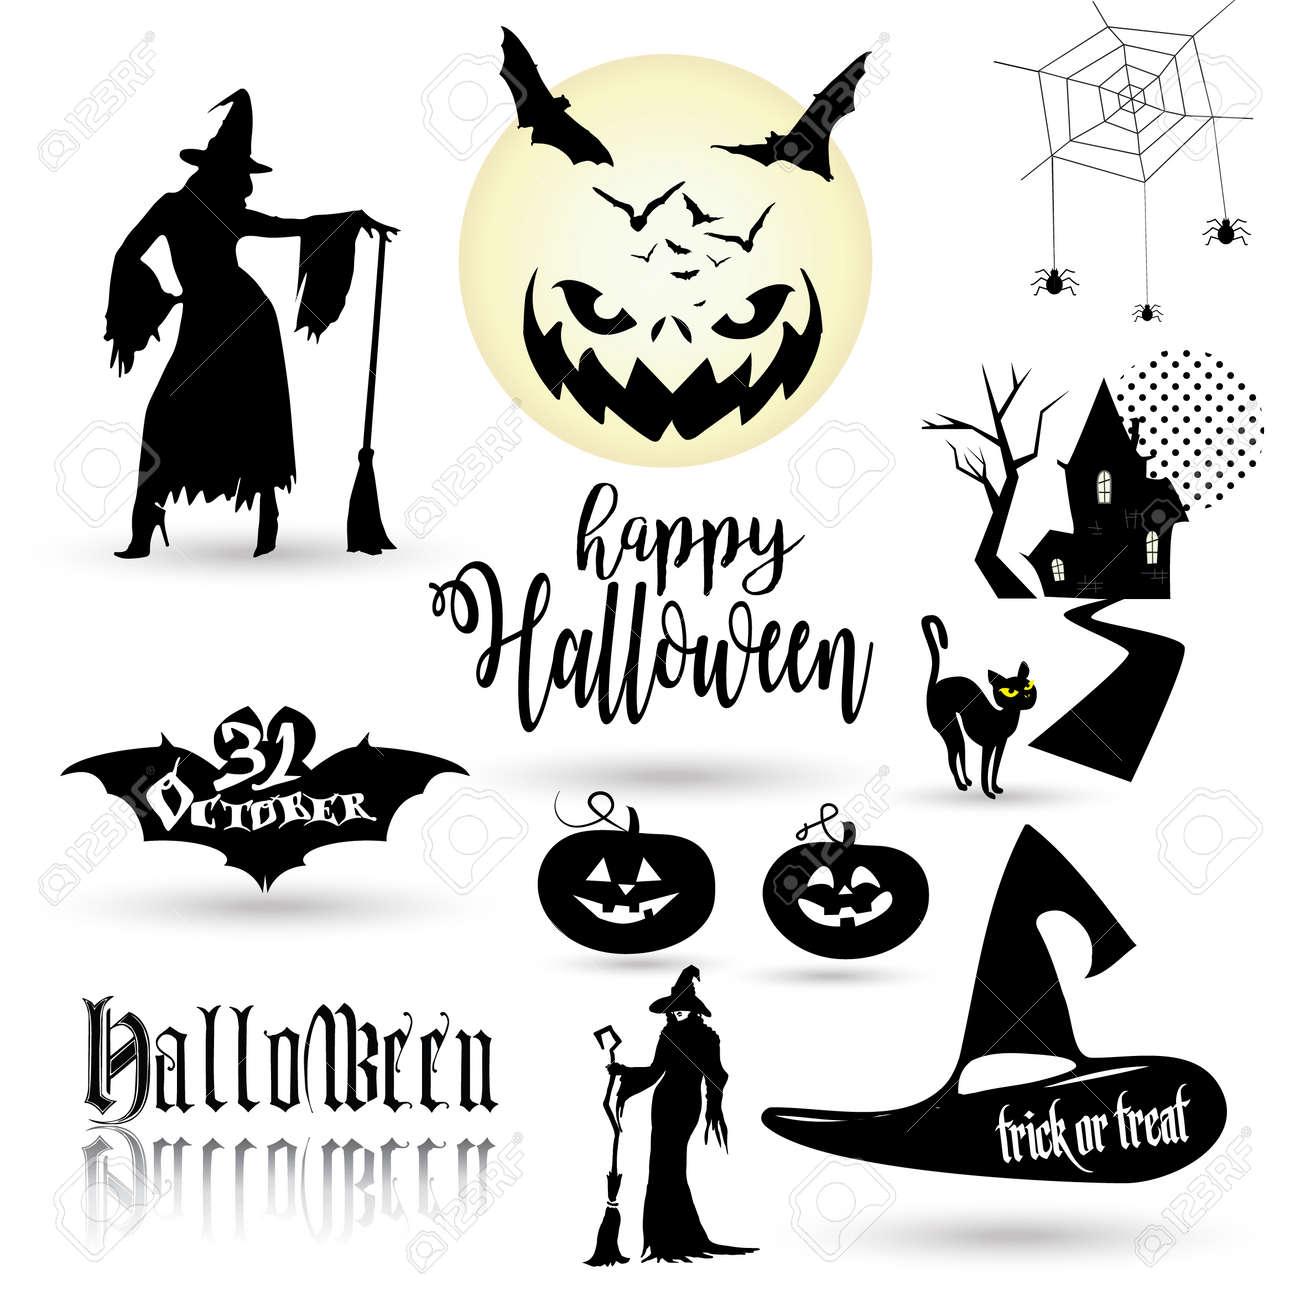 Halloween Wallpaper With Halloween Symbols Halloween Pumpkin